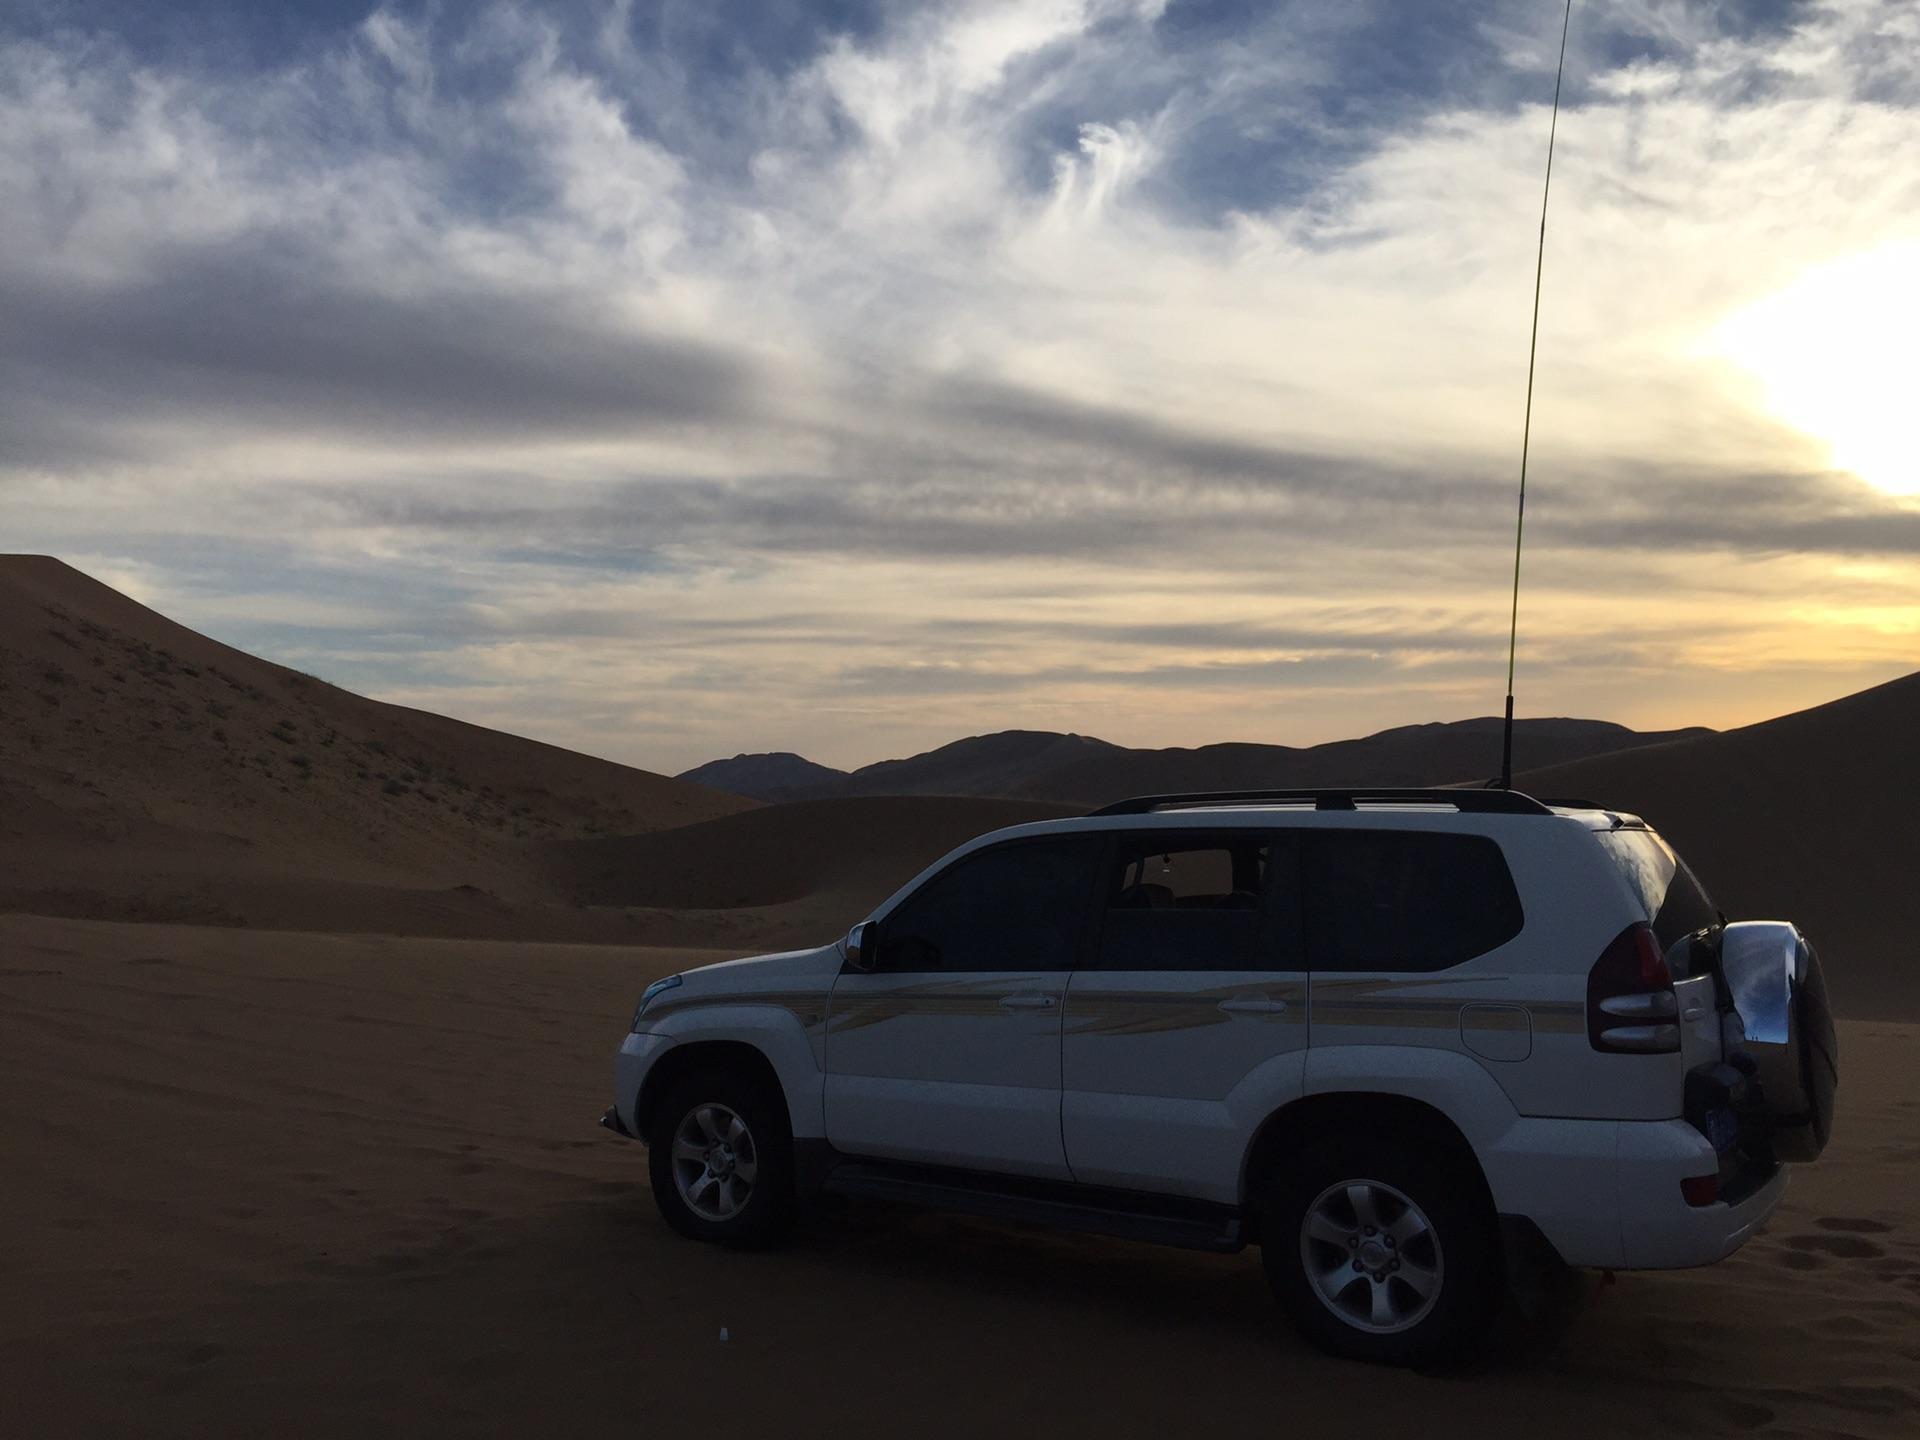 如夢一場的巴丹吉林沙漠,我們一起瘋狂過